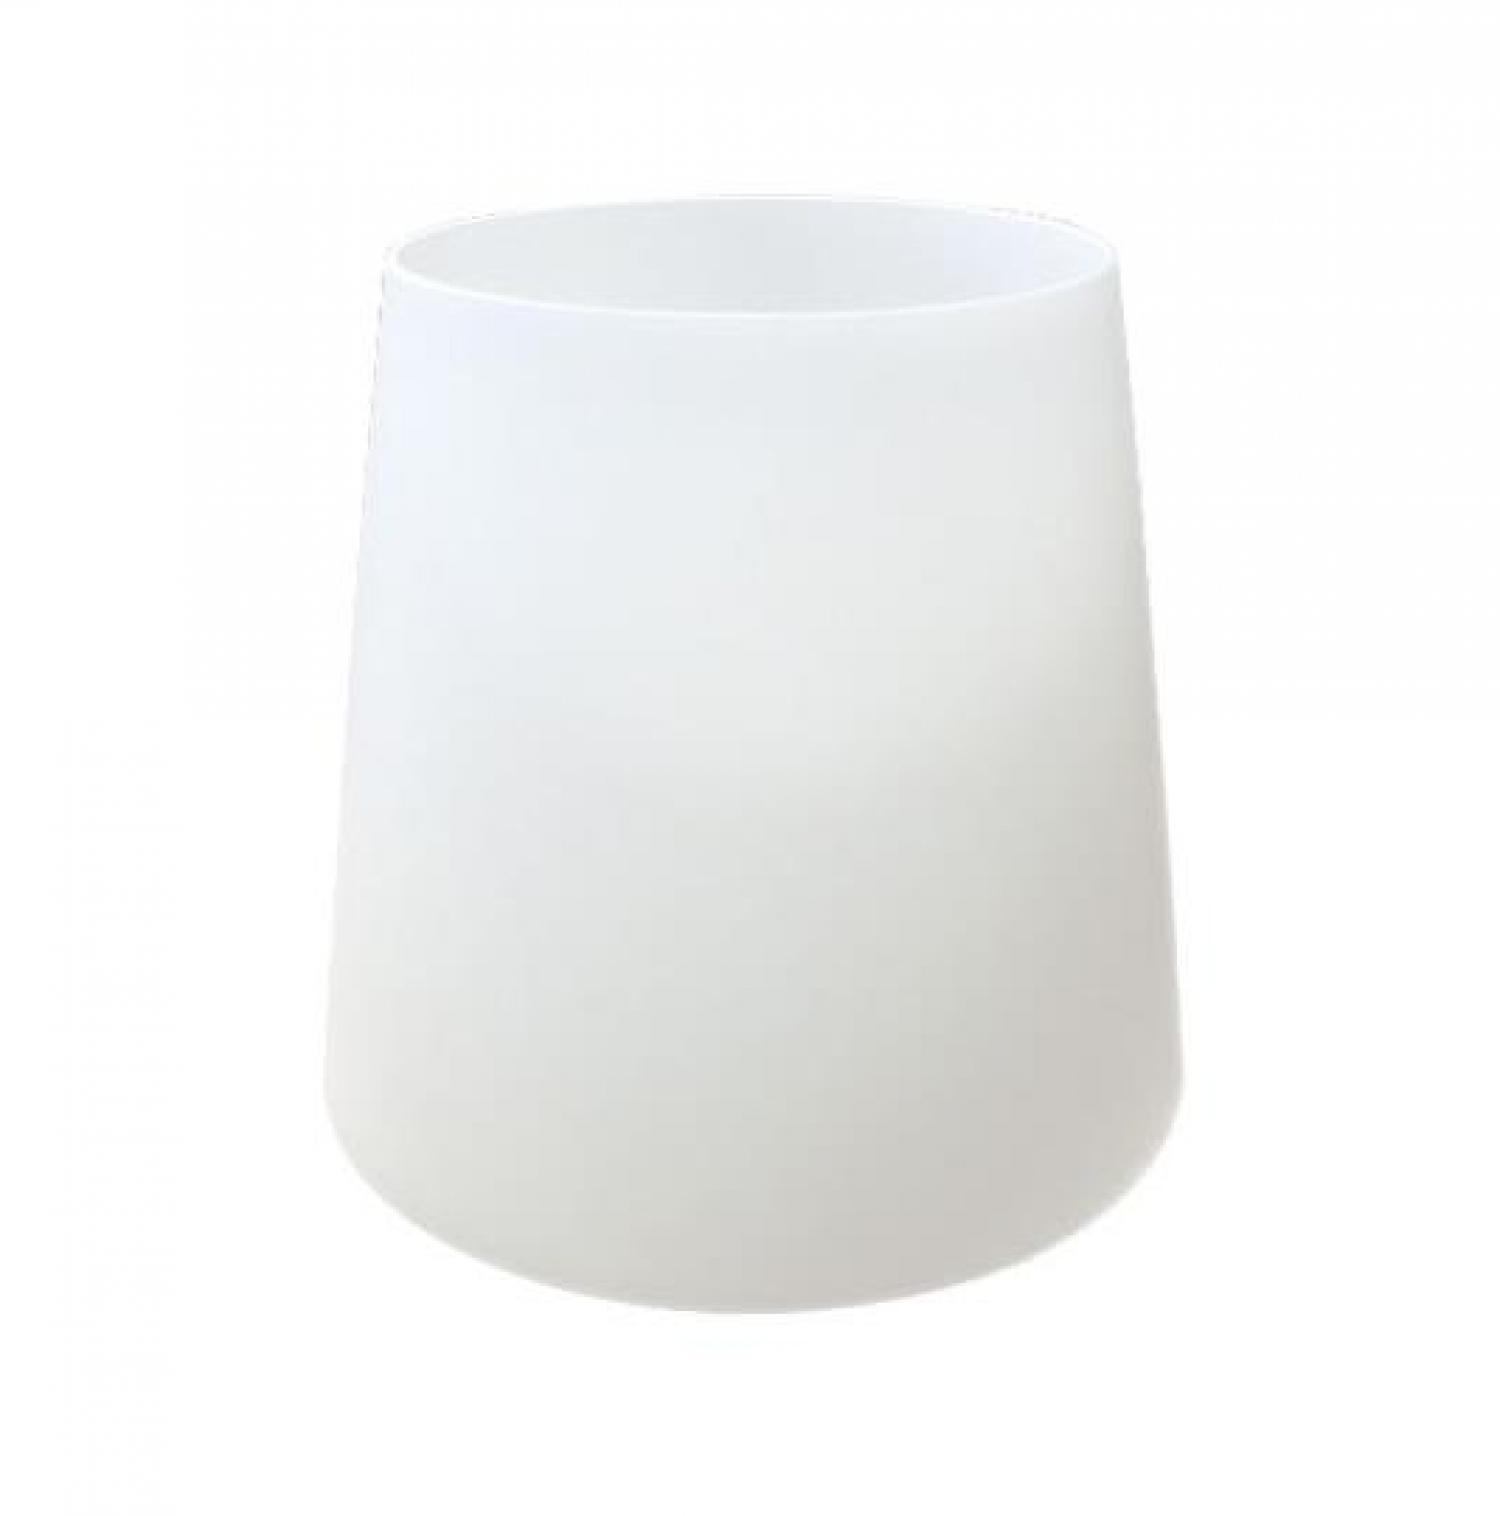 Abat Jour Pour Lampe Fontana Medium